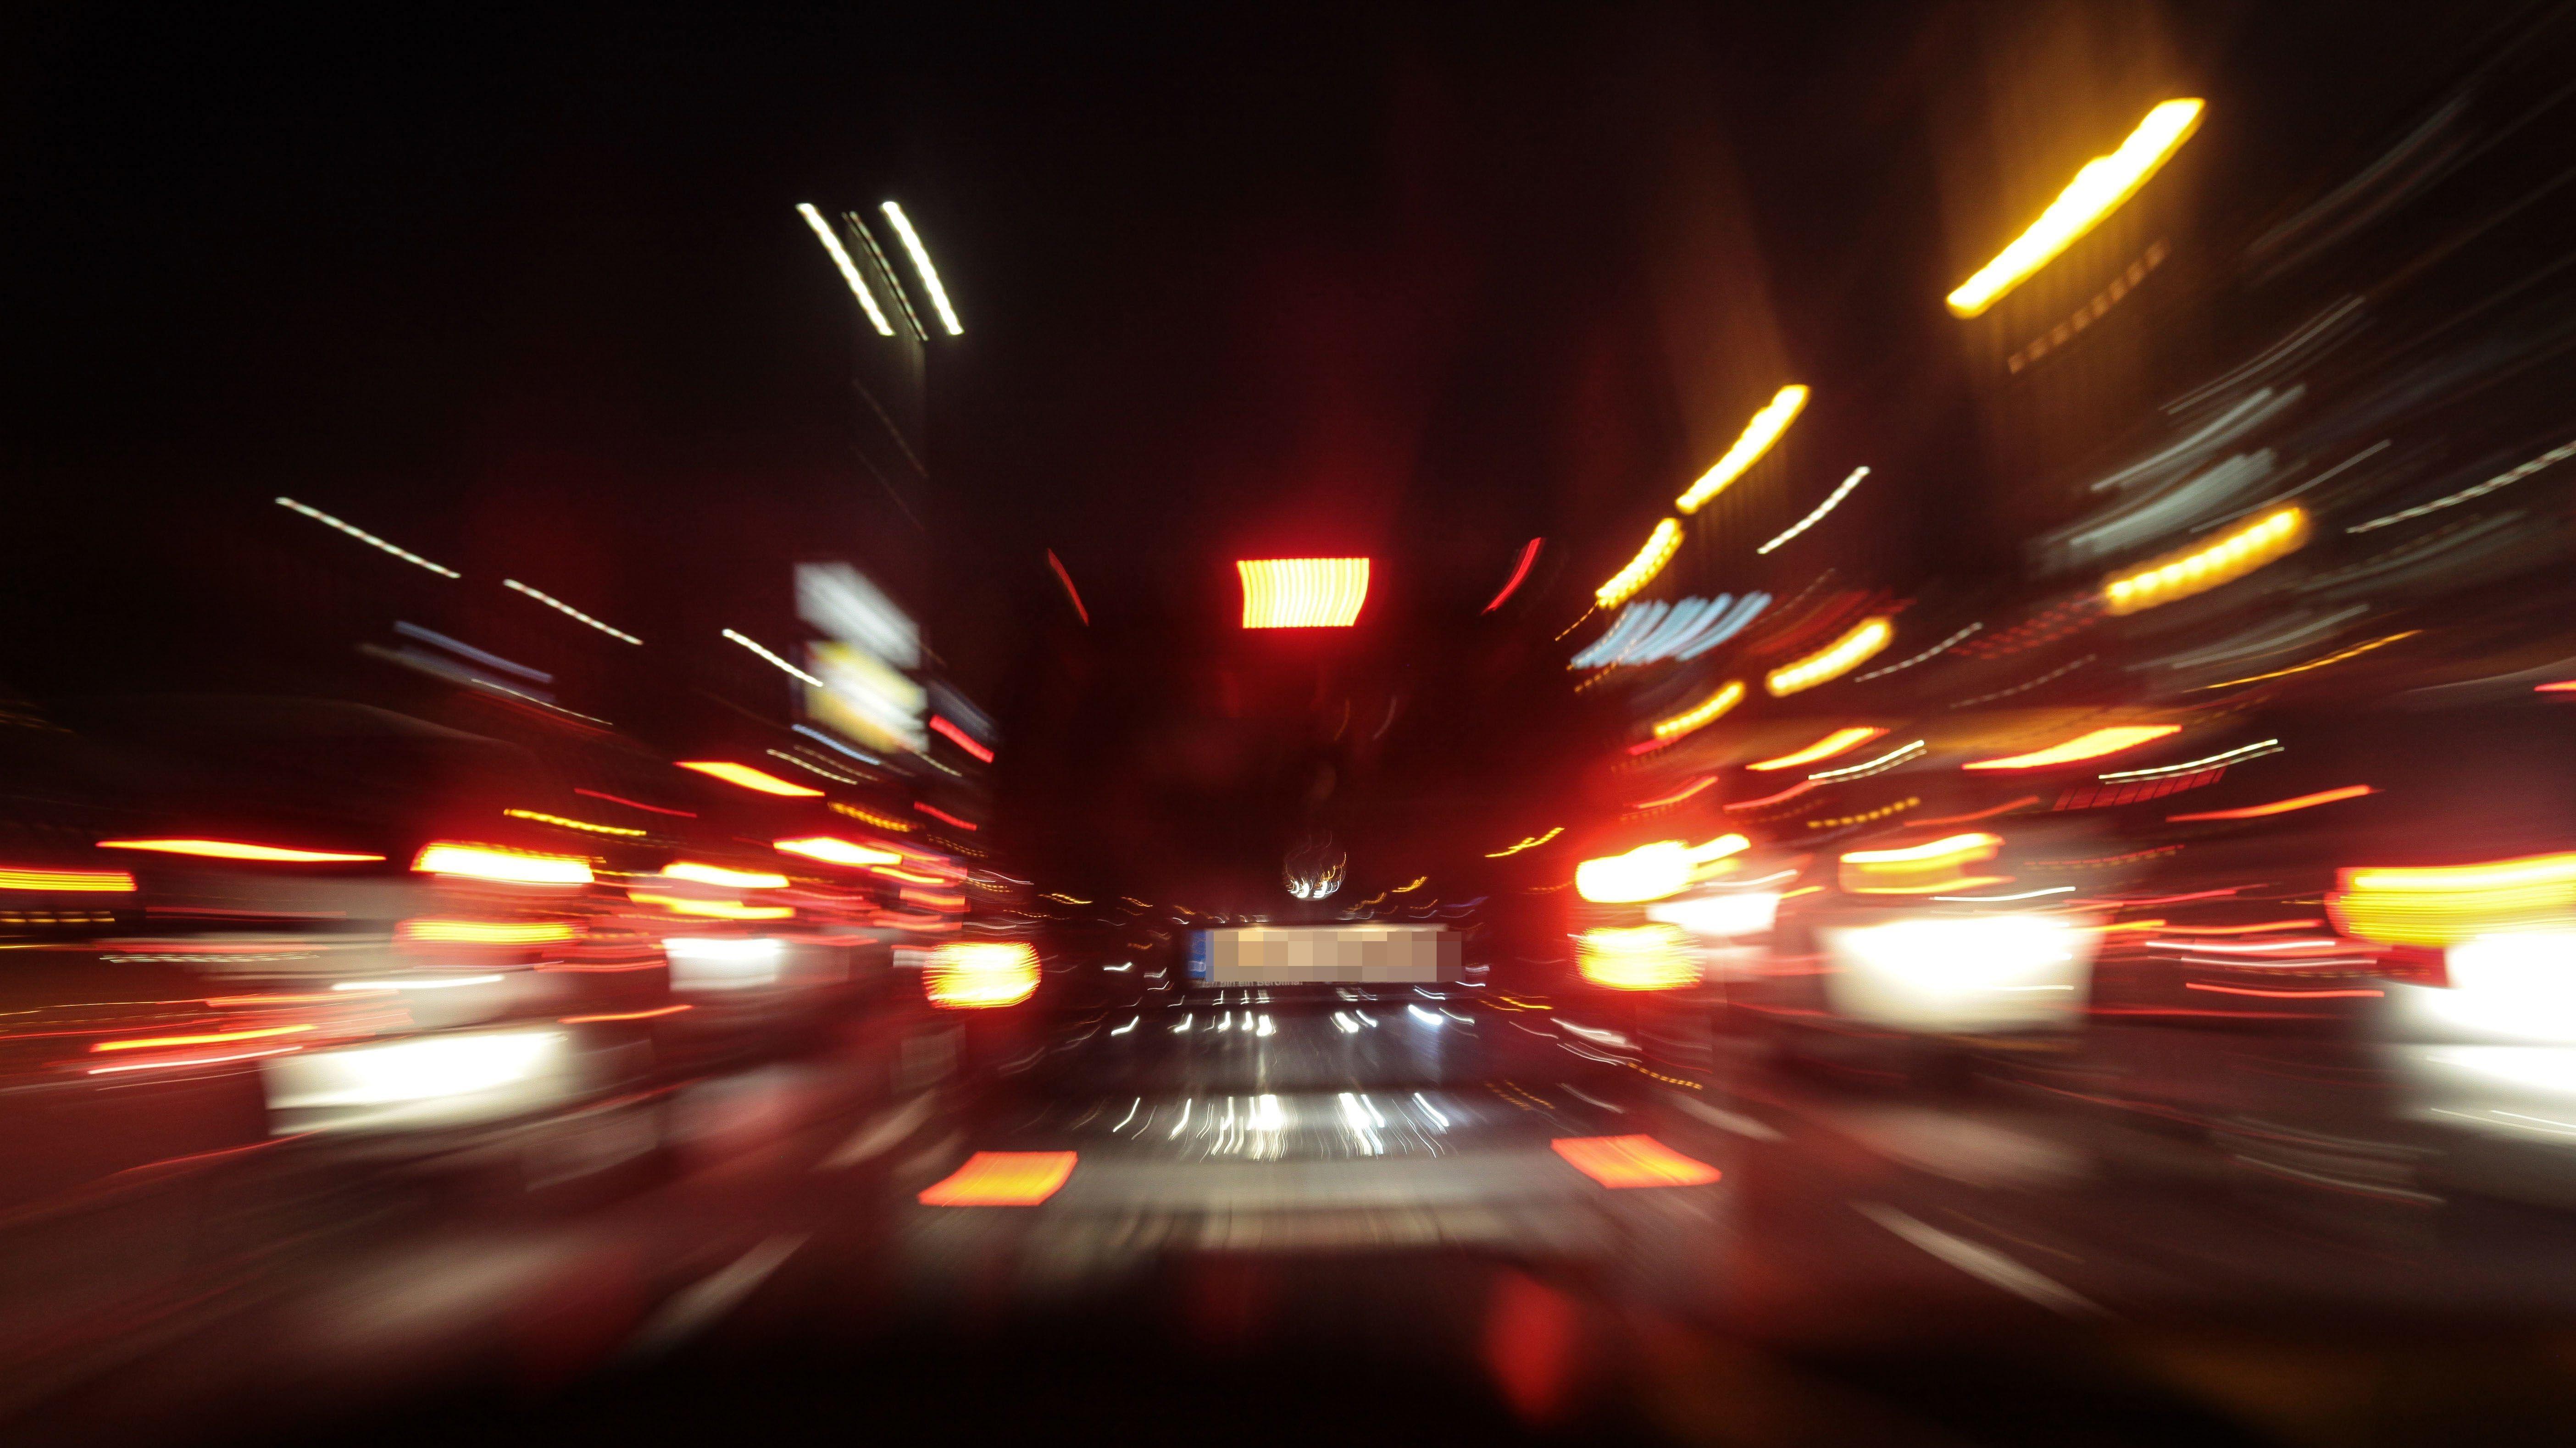 Nach einem tödlichen Unfall mit Fahrerflucht sucht die Polizei in Neu-Ulm den Fahrer (Symbolbild).